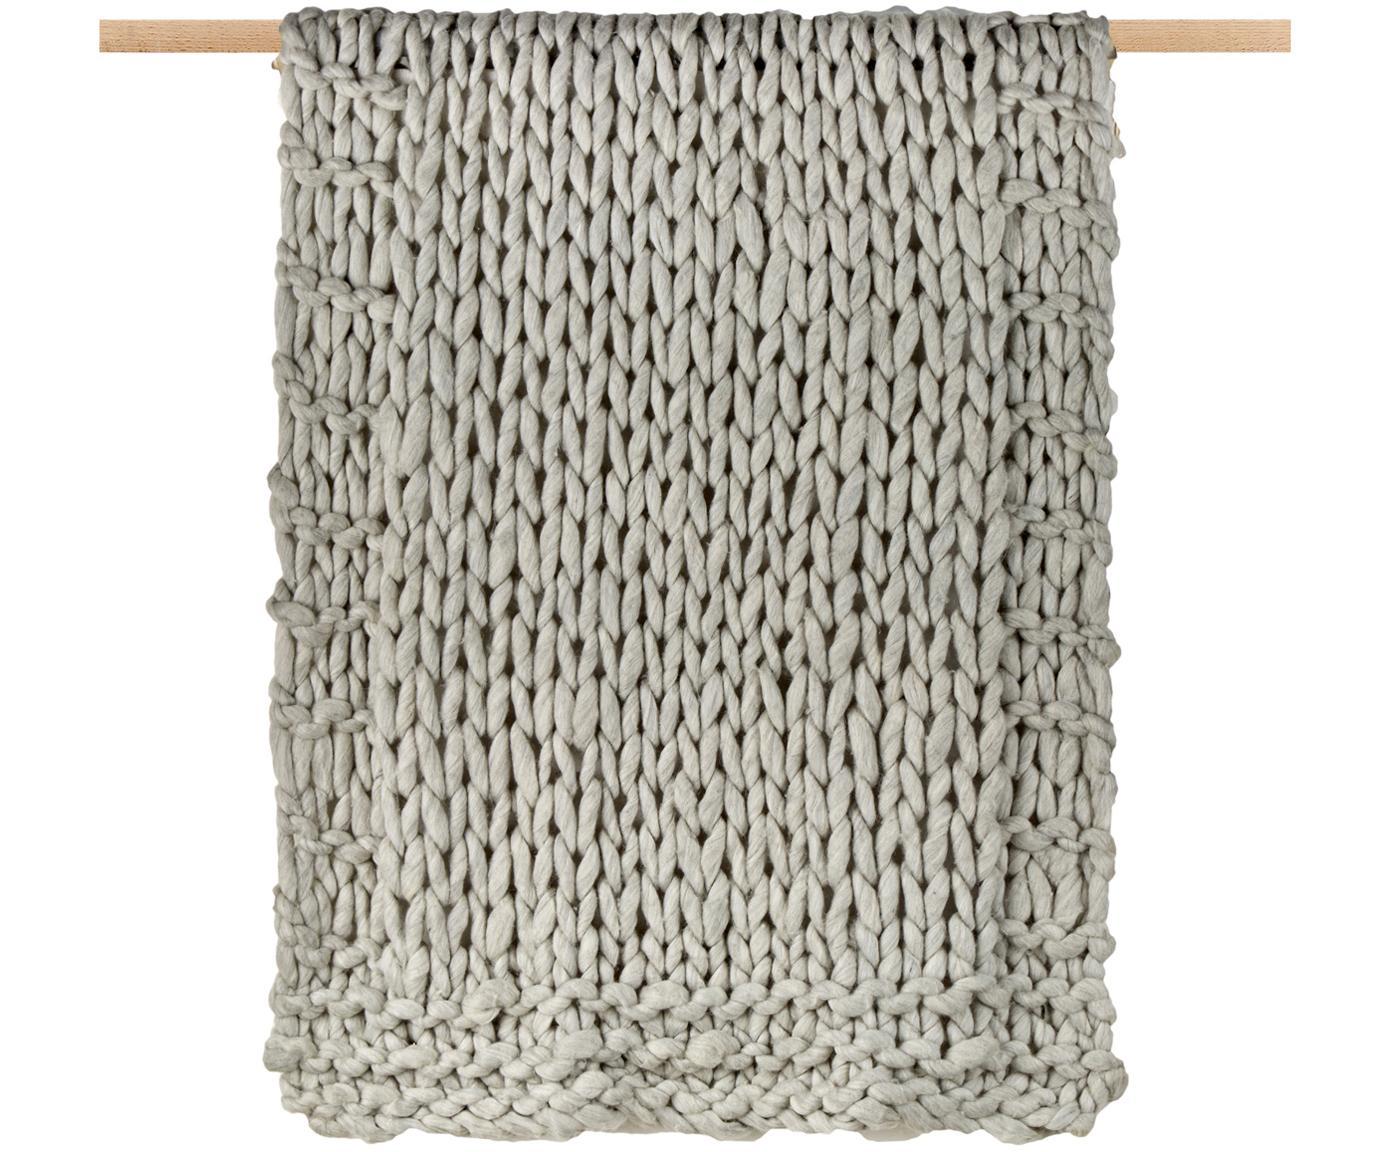 Kleines Grobstrick-Wollplaid Fern, 60% Wolle, 40% Acryl, Grau, 120 x 150 cm